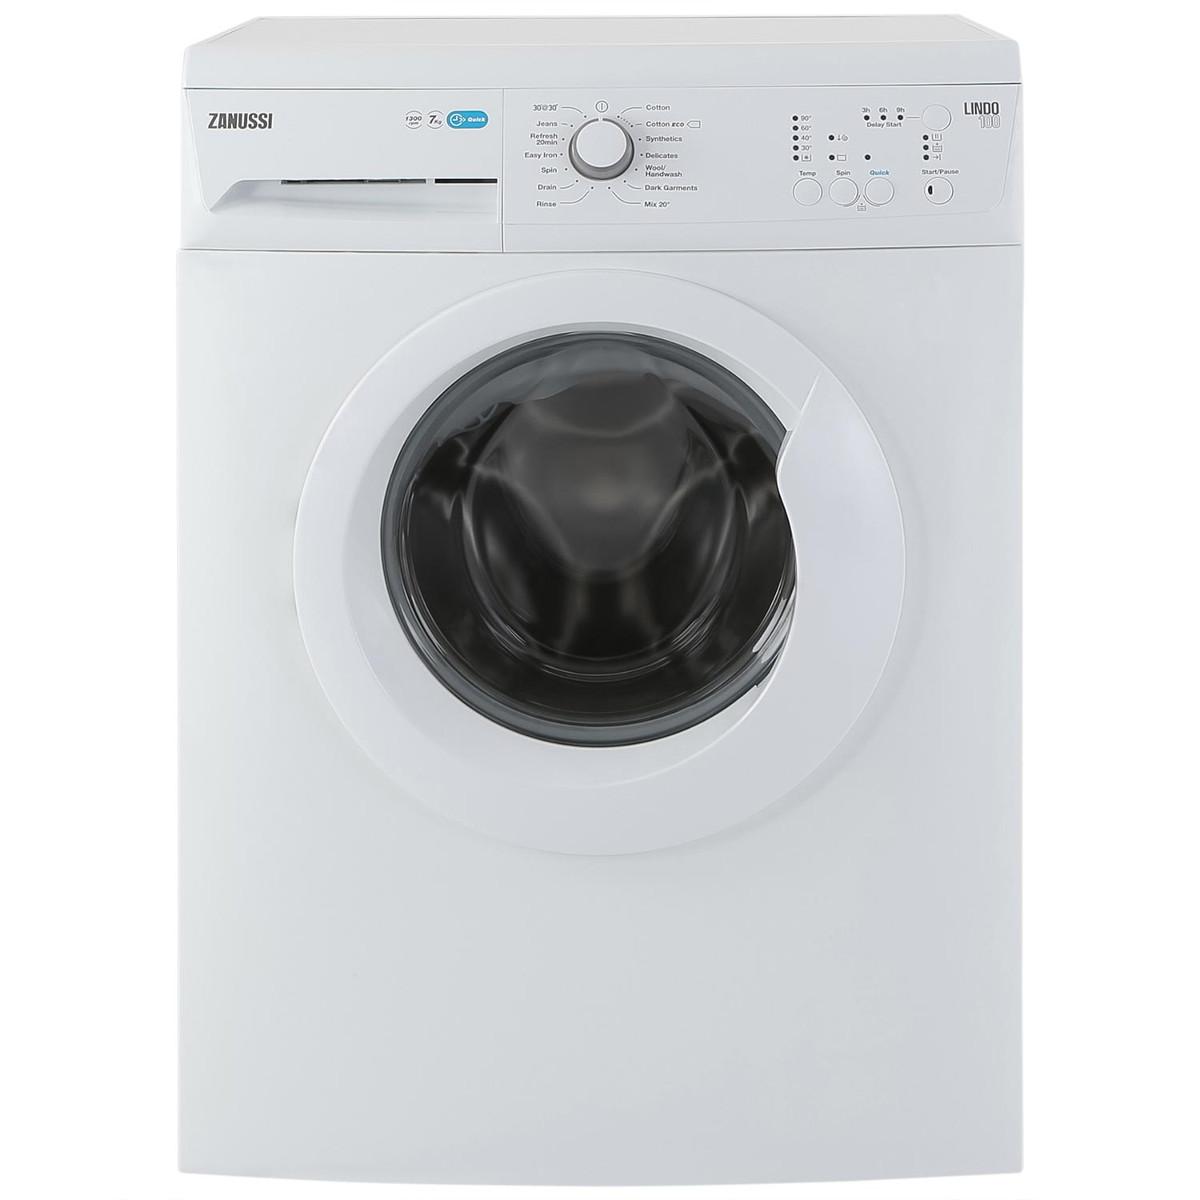 Zanussi ZWF71340W 7kg Washing Machine